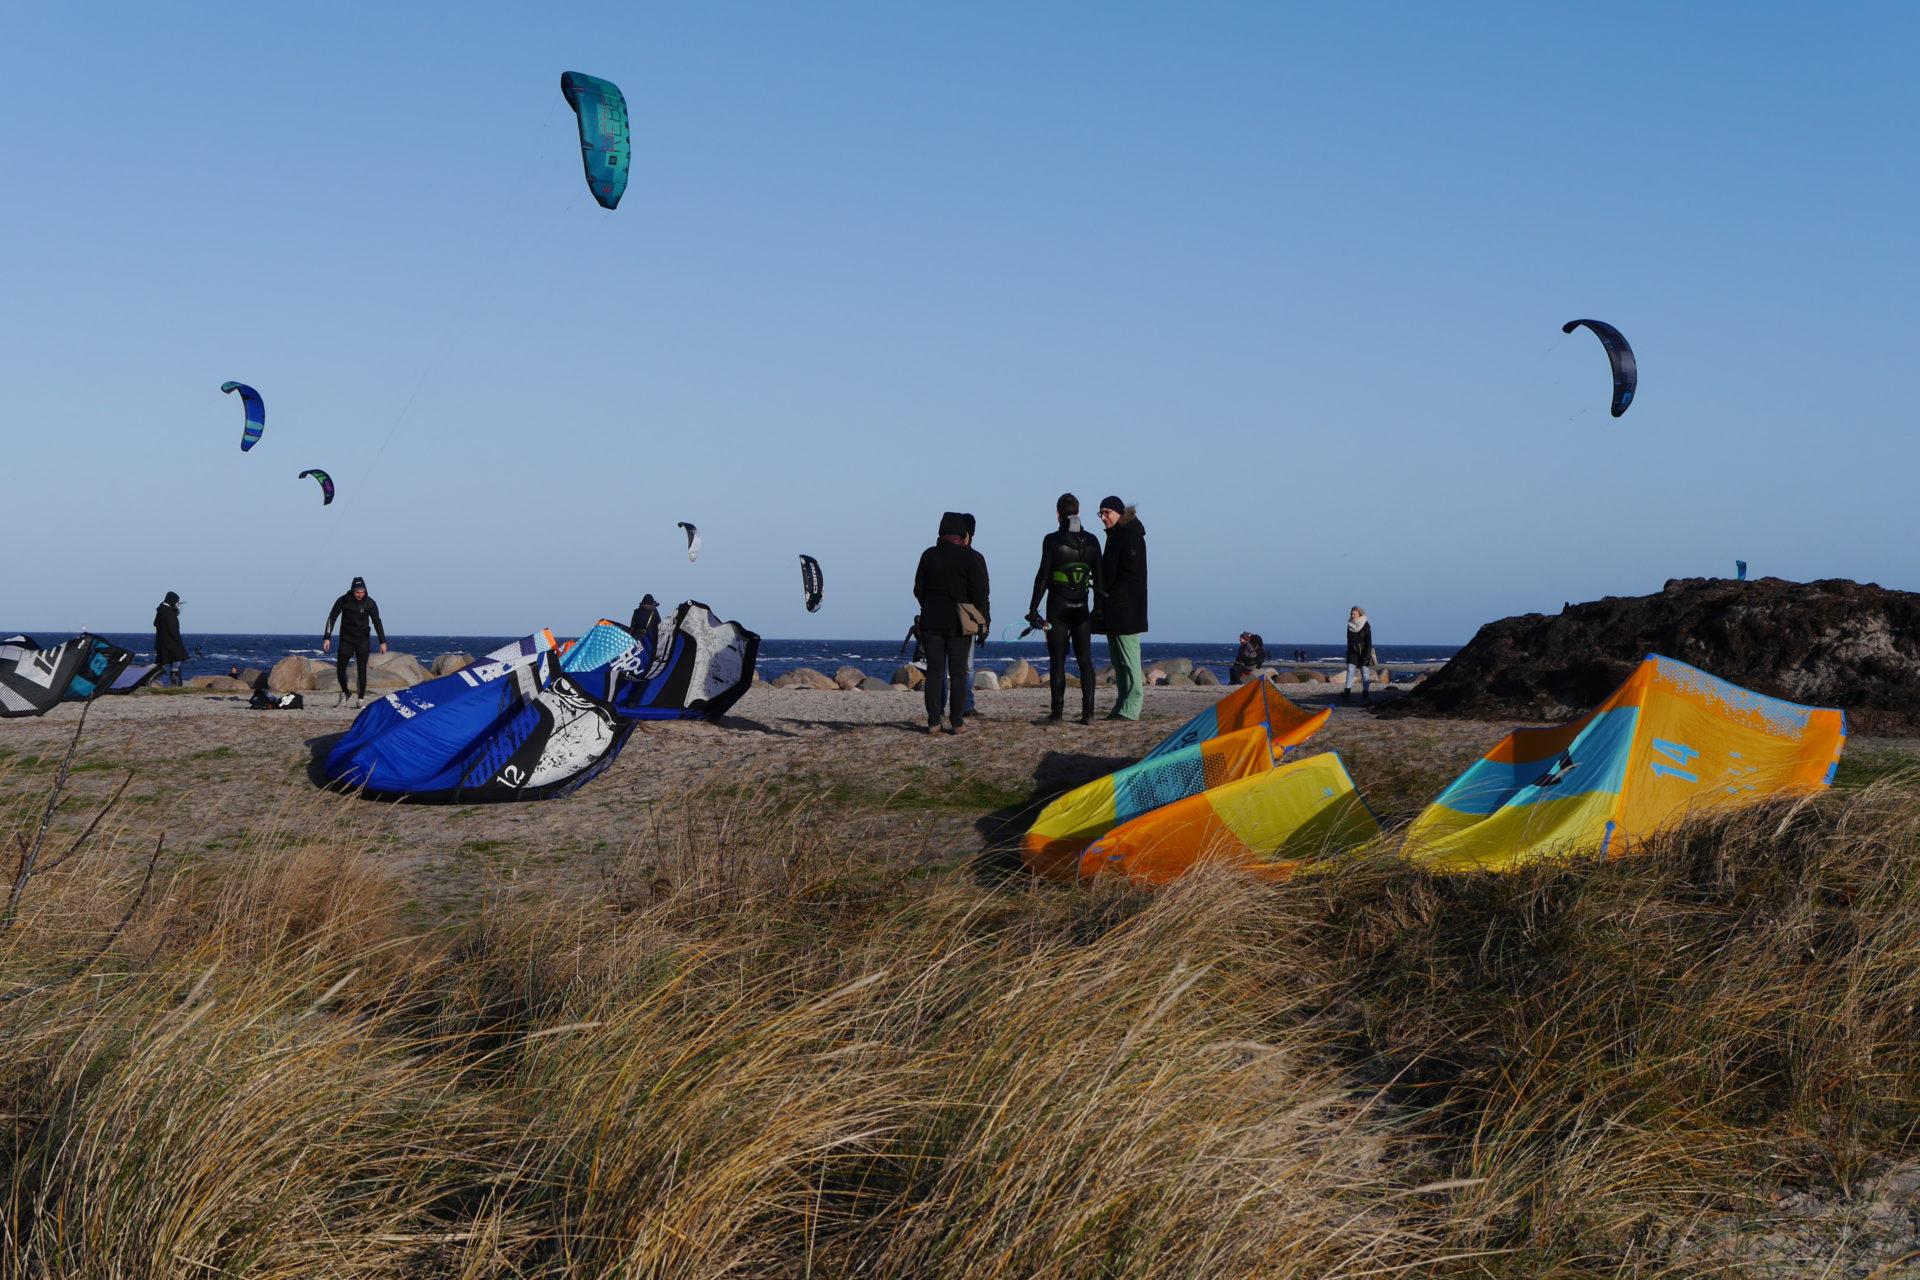 Les kitesurfeurs de Laboe